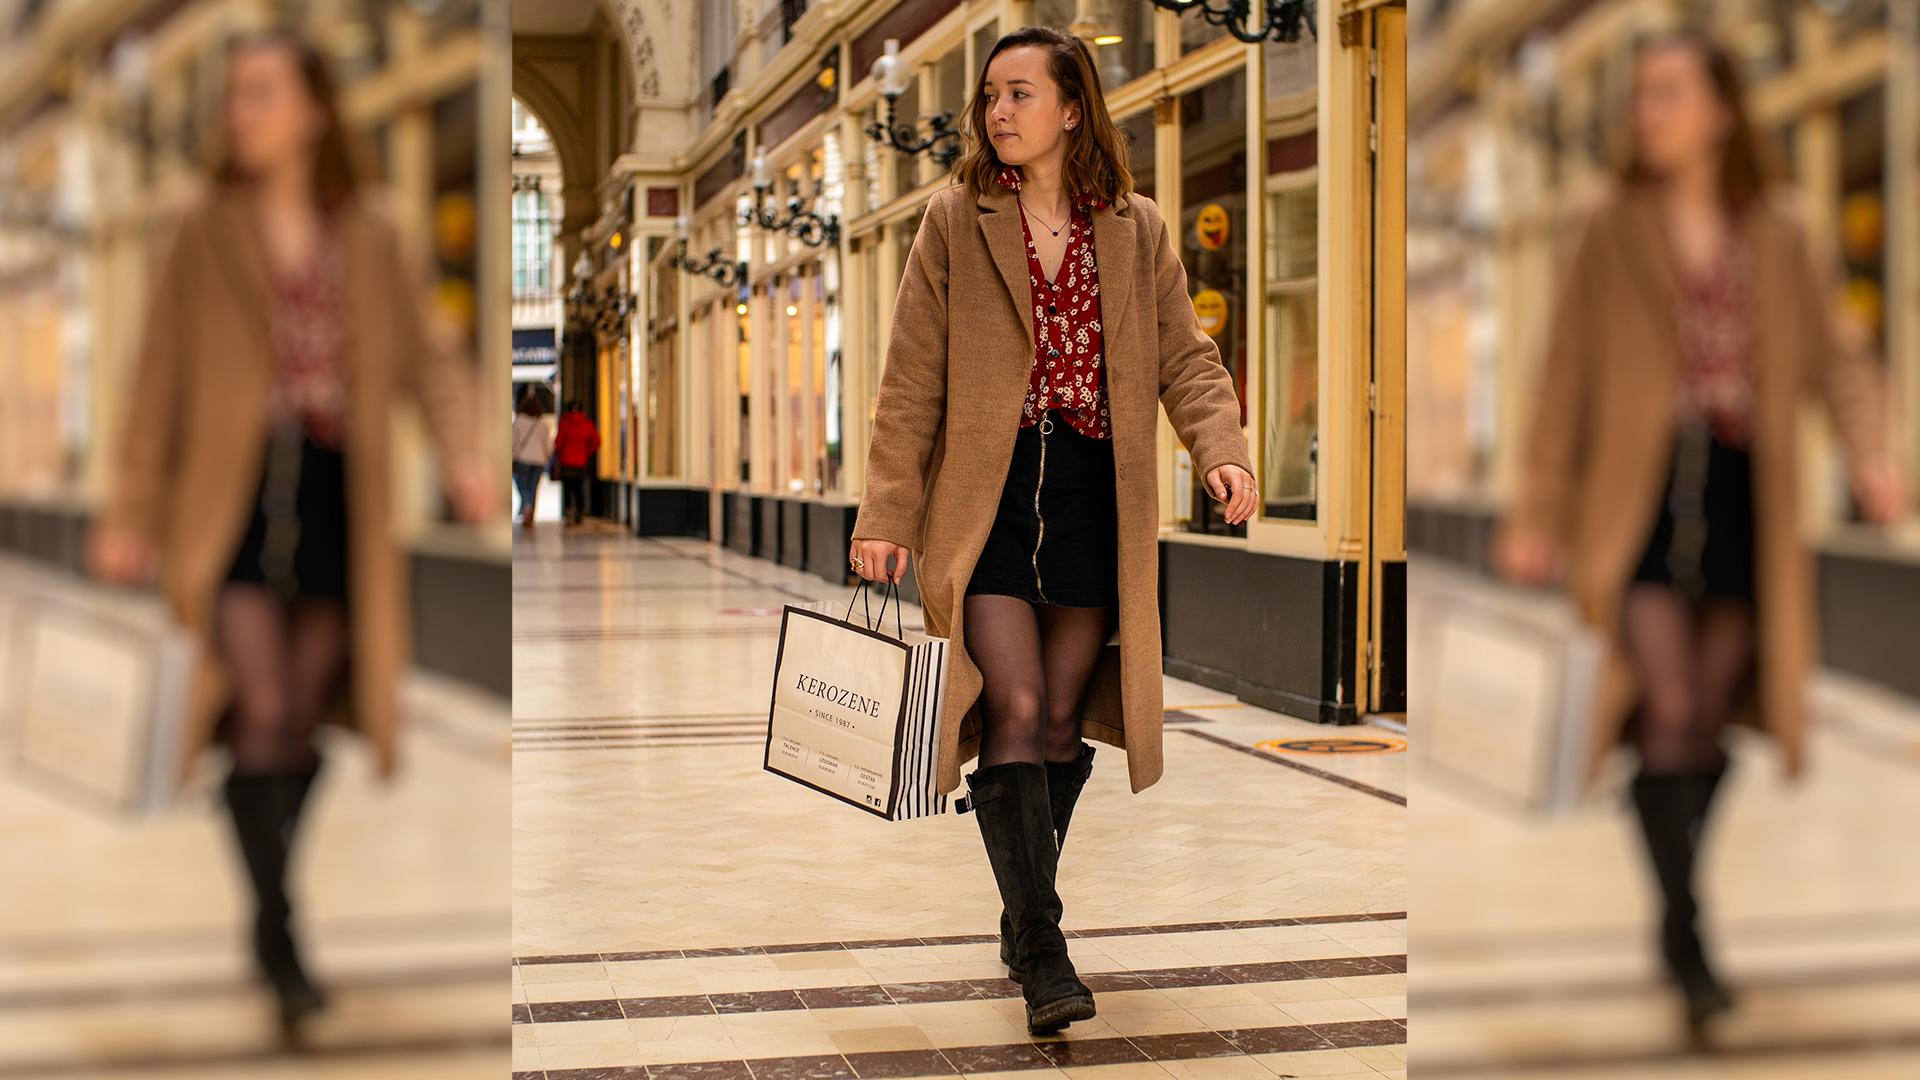 Pack-e boutique carrier bag